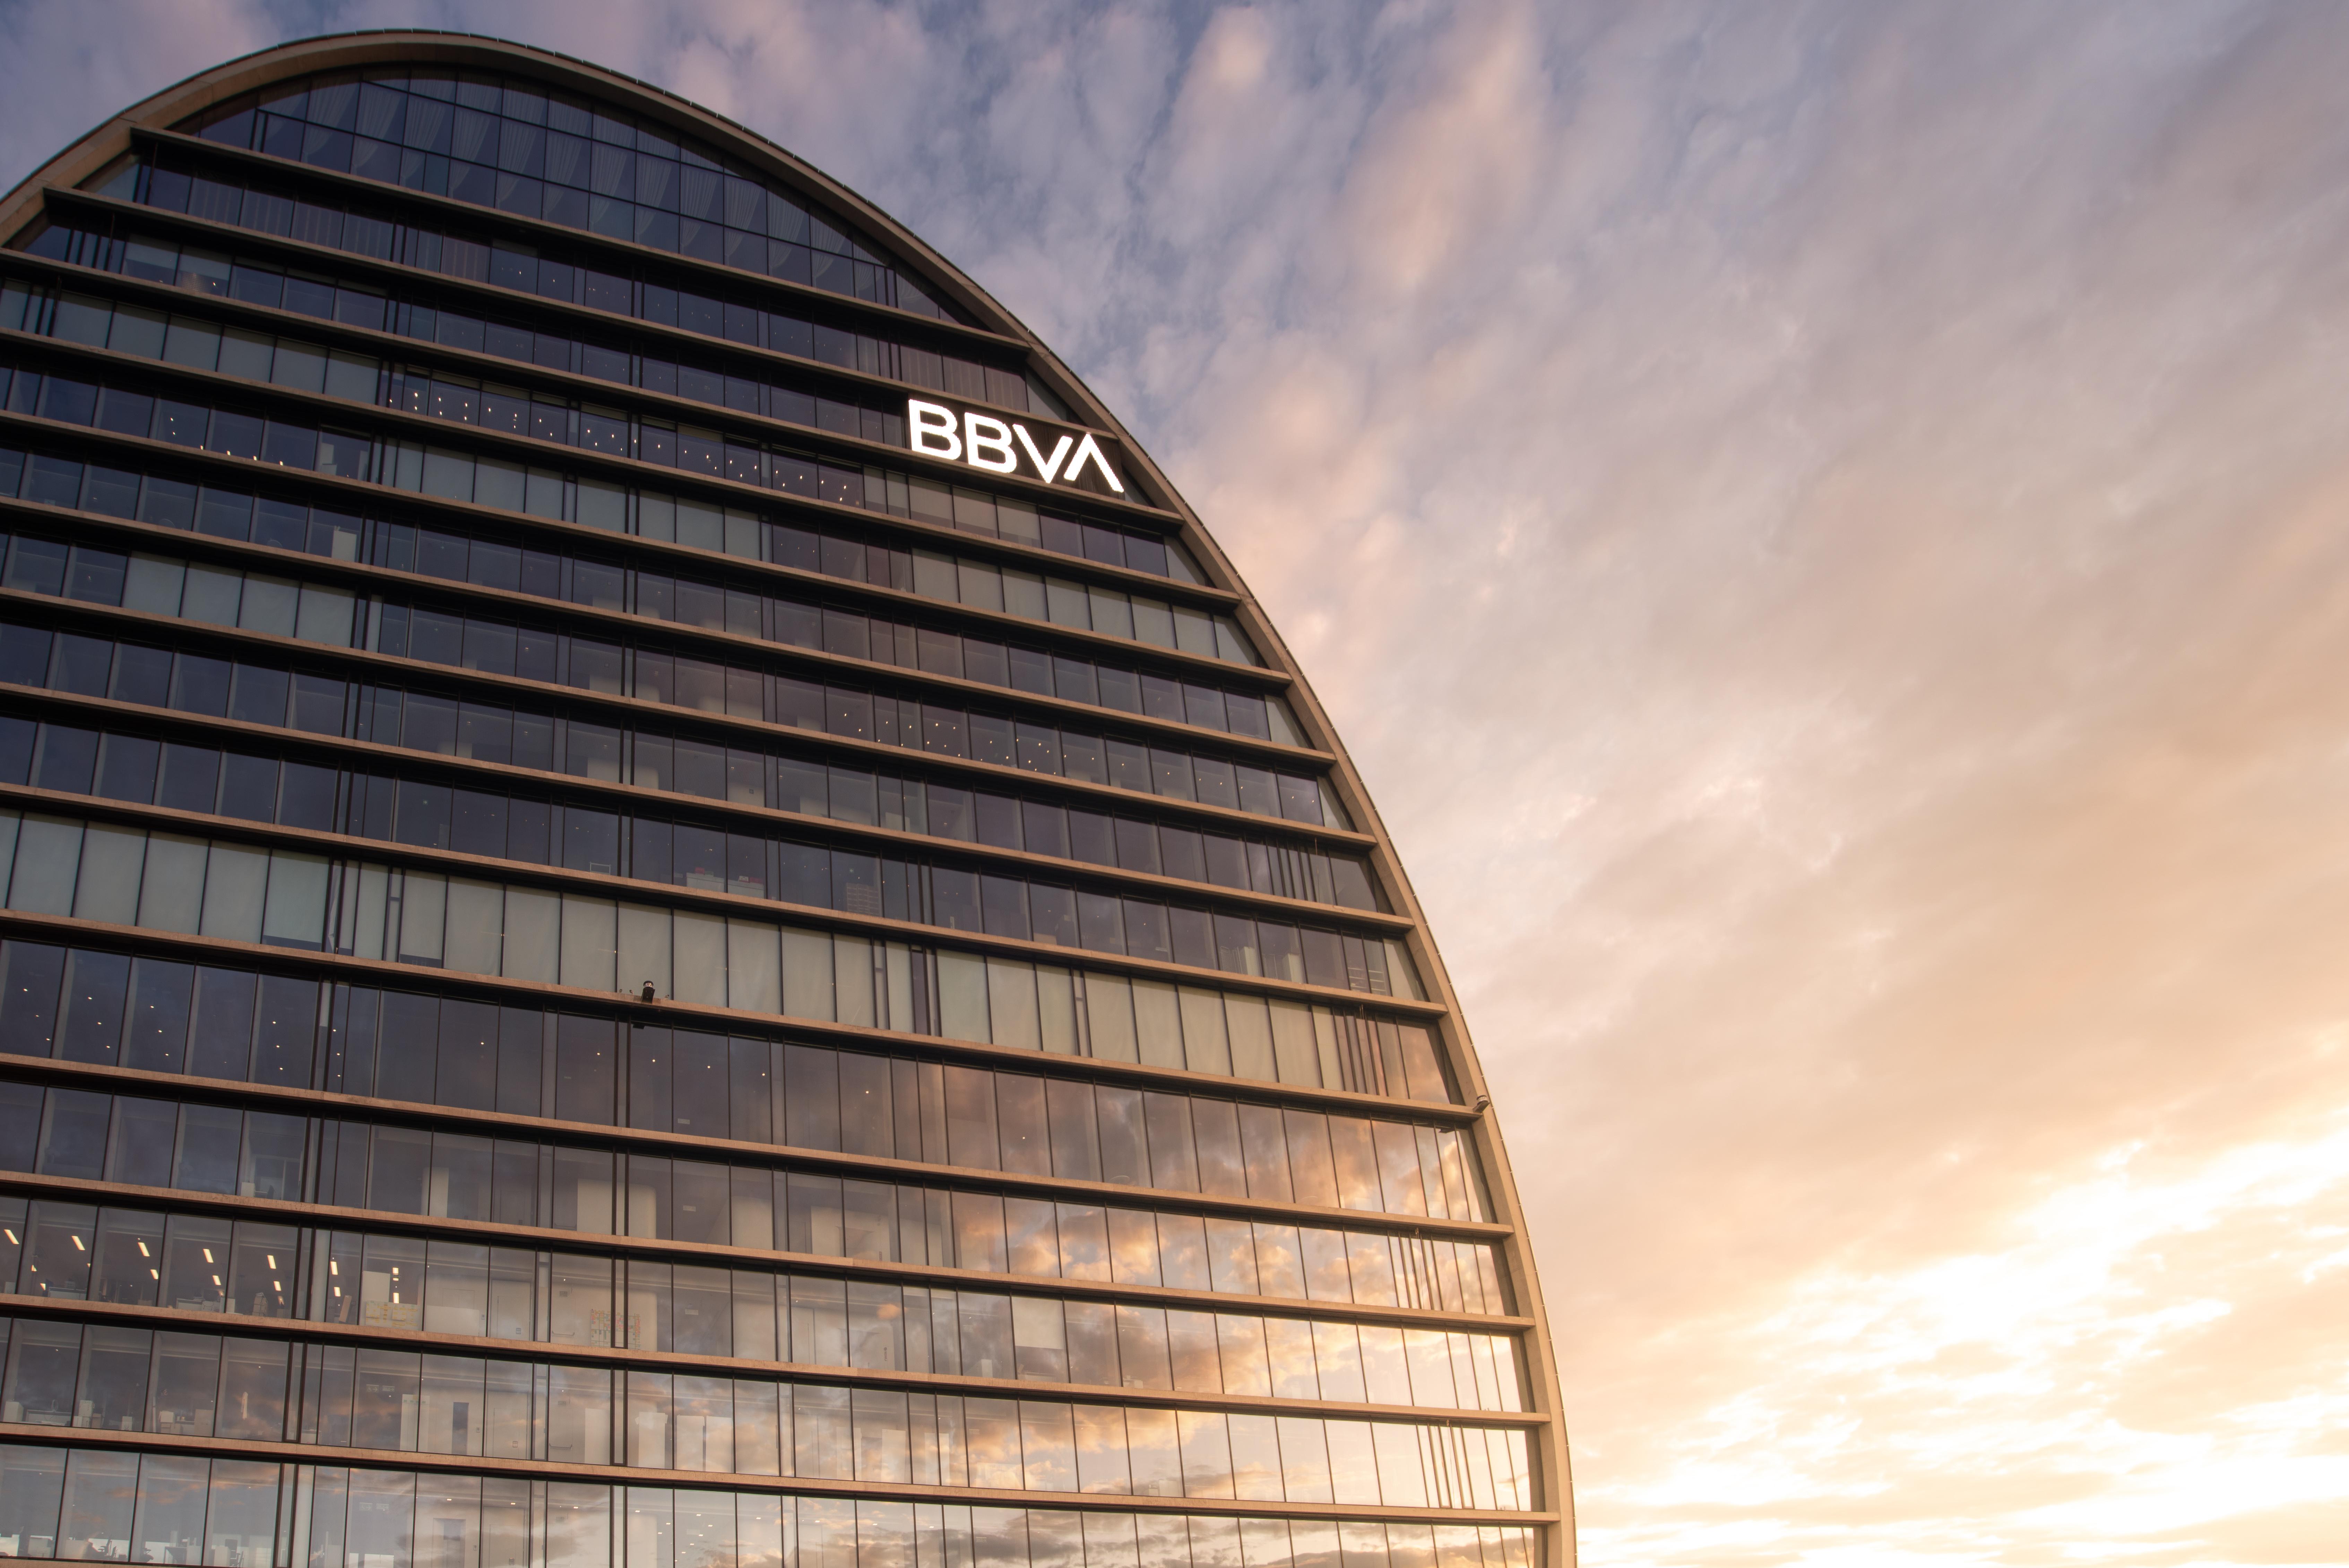 https://shareholdersandinvestors.bbva.com/wp-content/uploads/2019/09/La_Vela_05.jpg